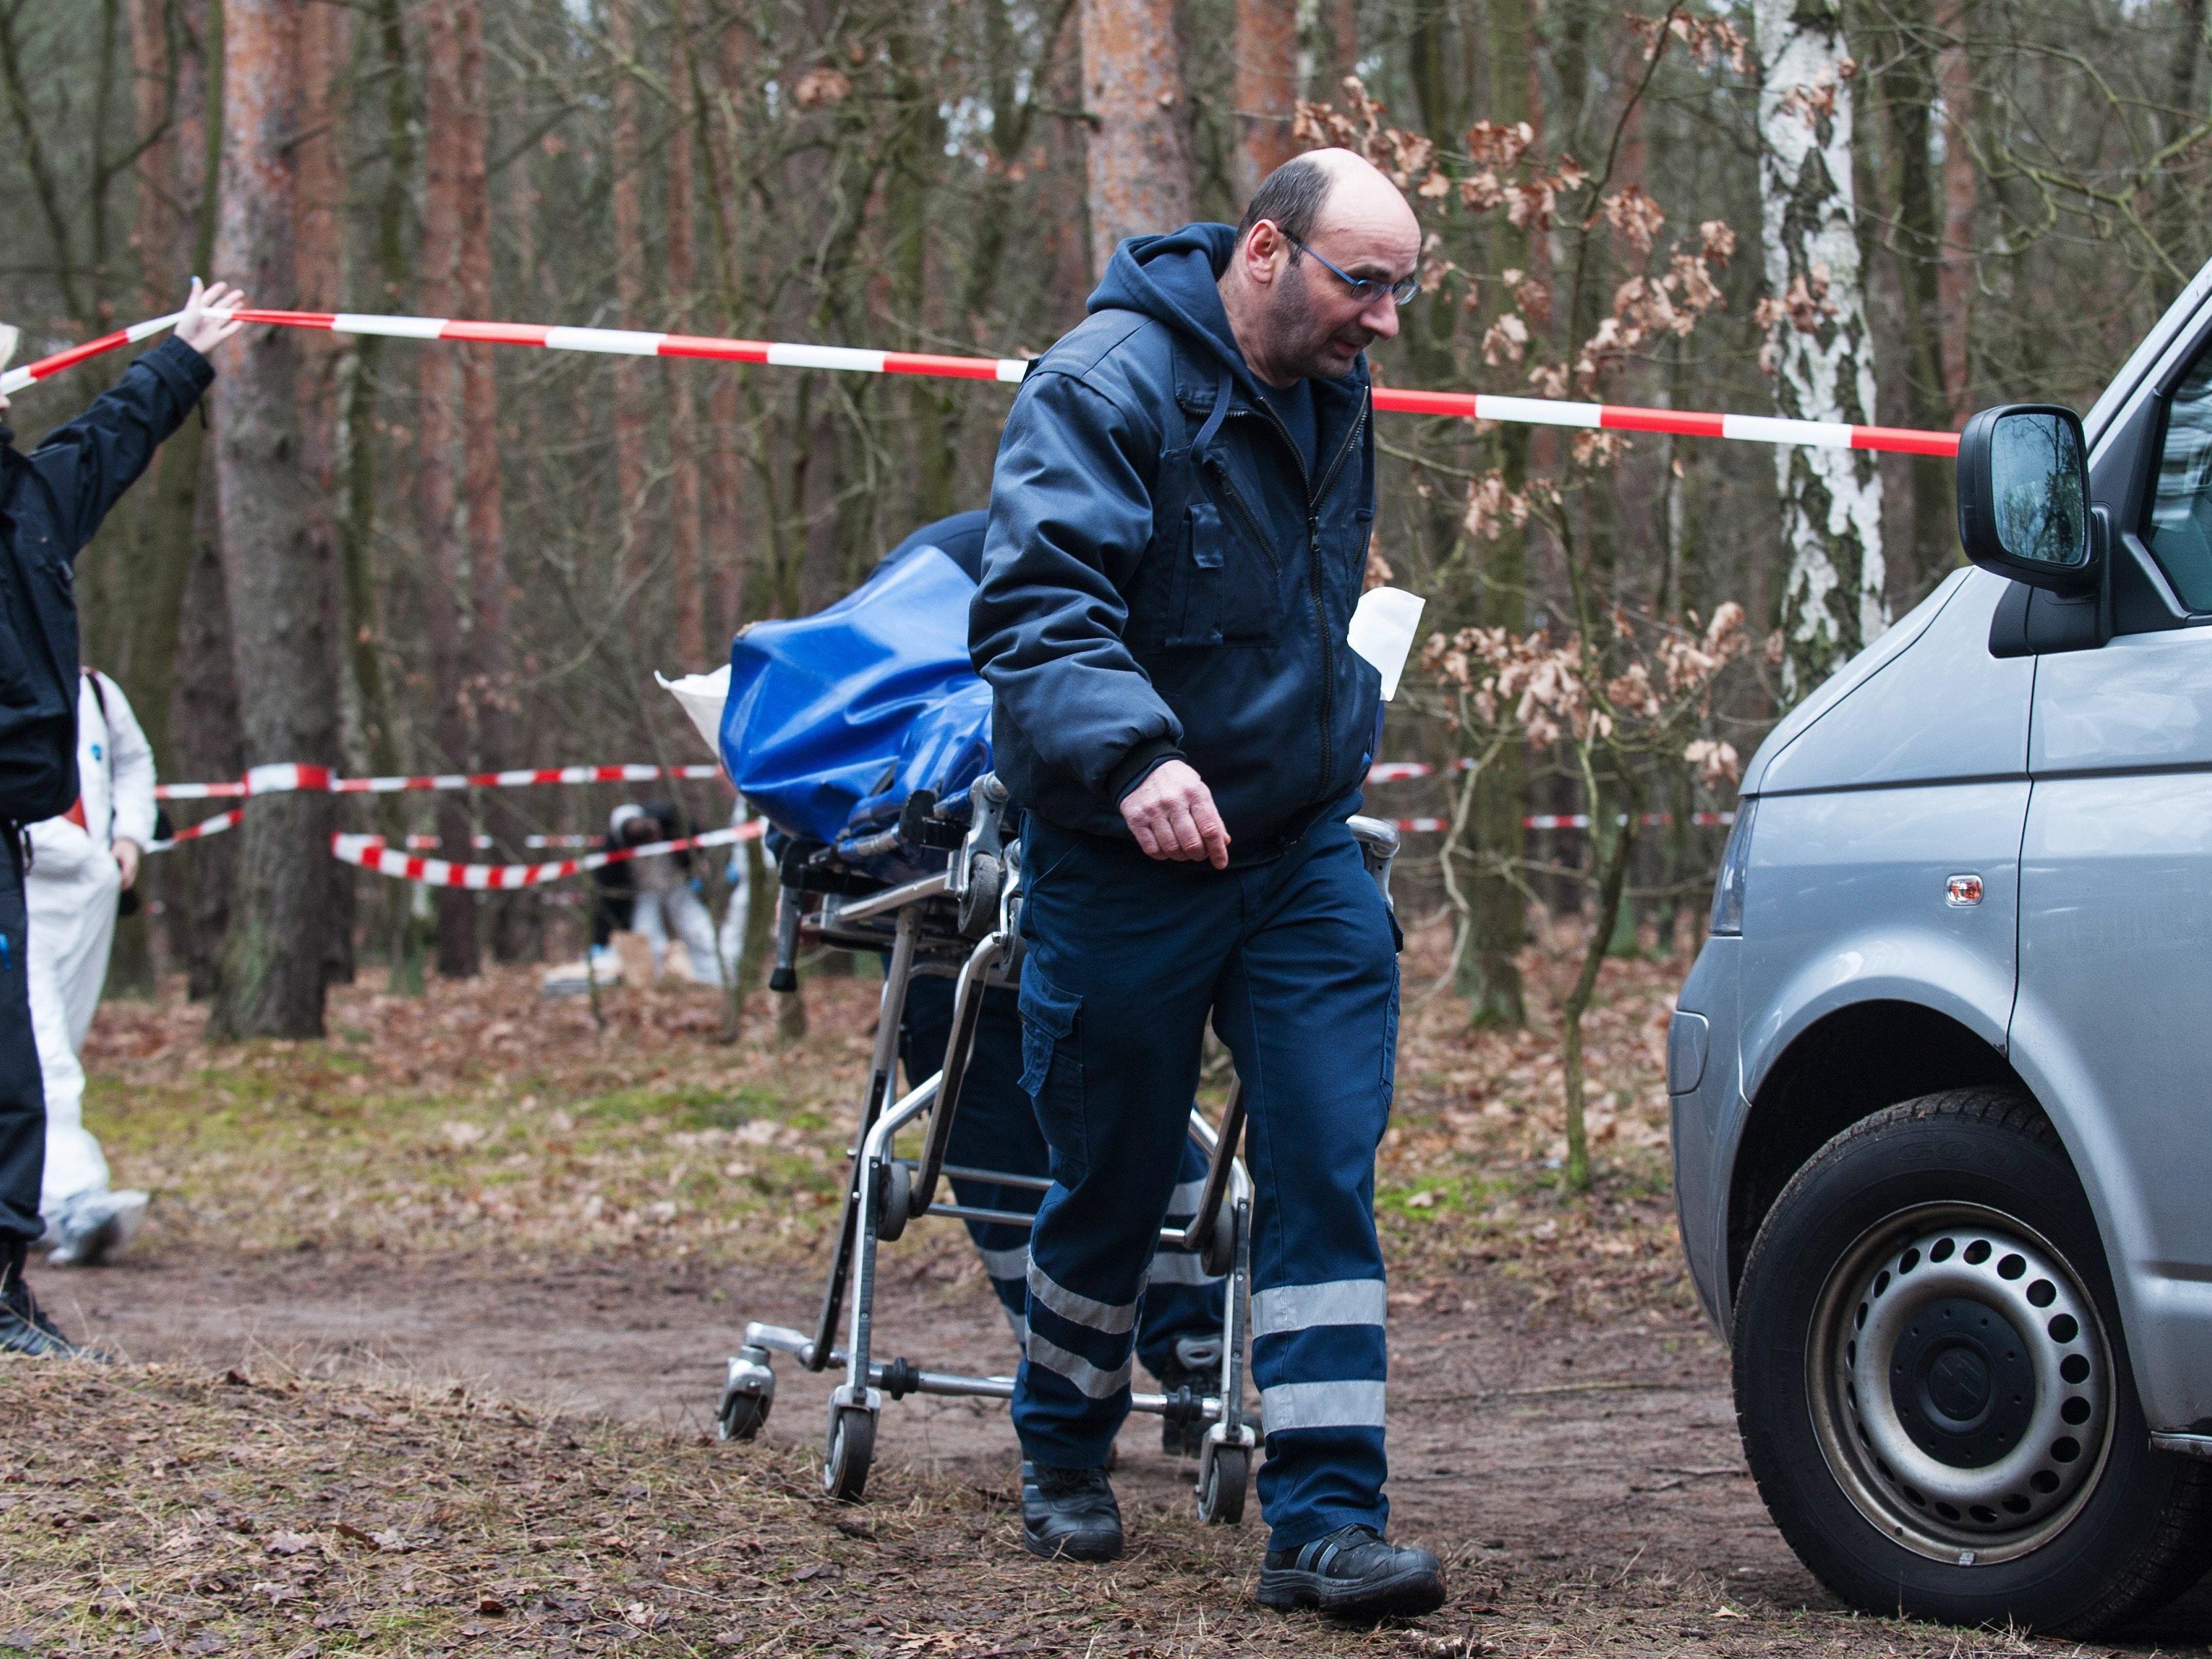 Berliner Polizei fasst zwei Verdächtige - Grausige Einzelheiten des Falls werden bekannt.